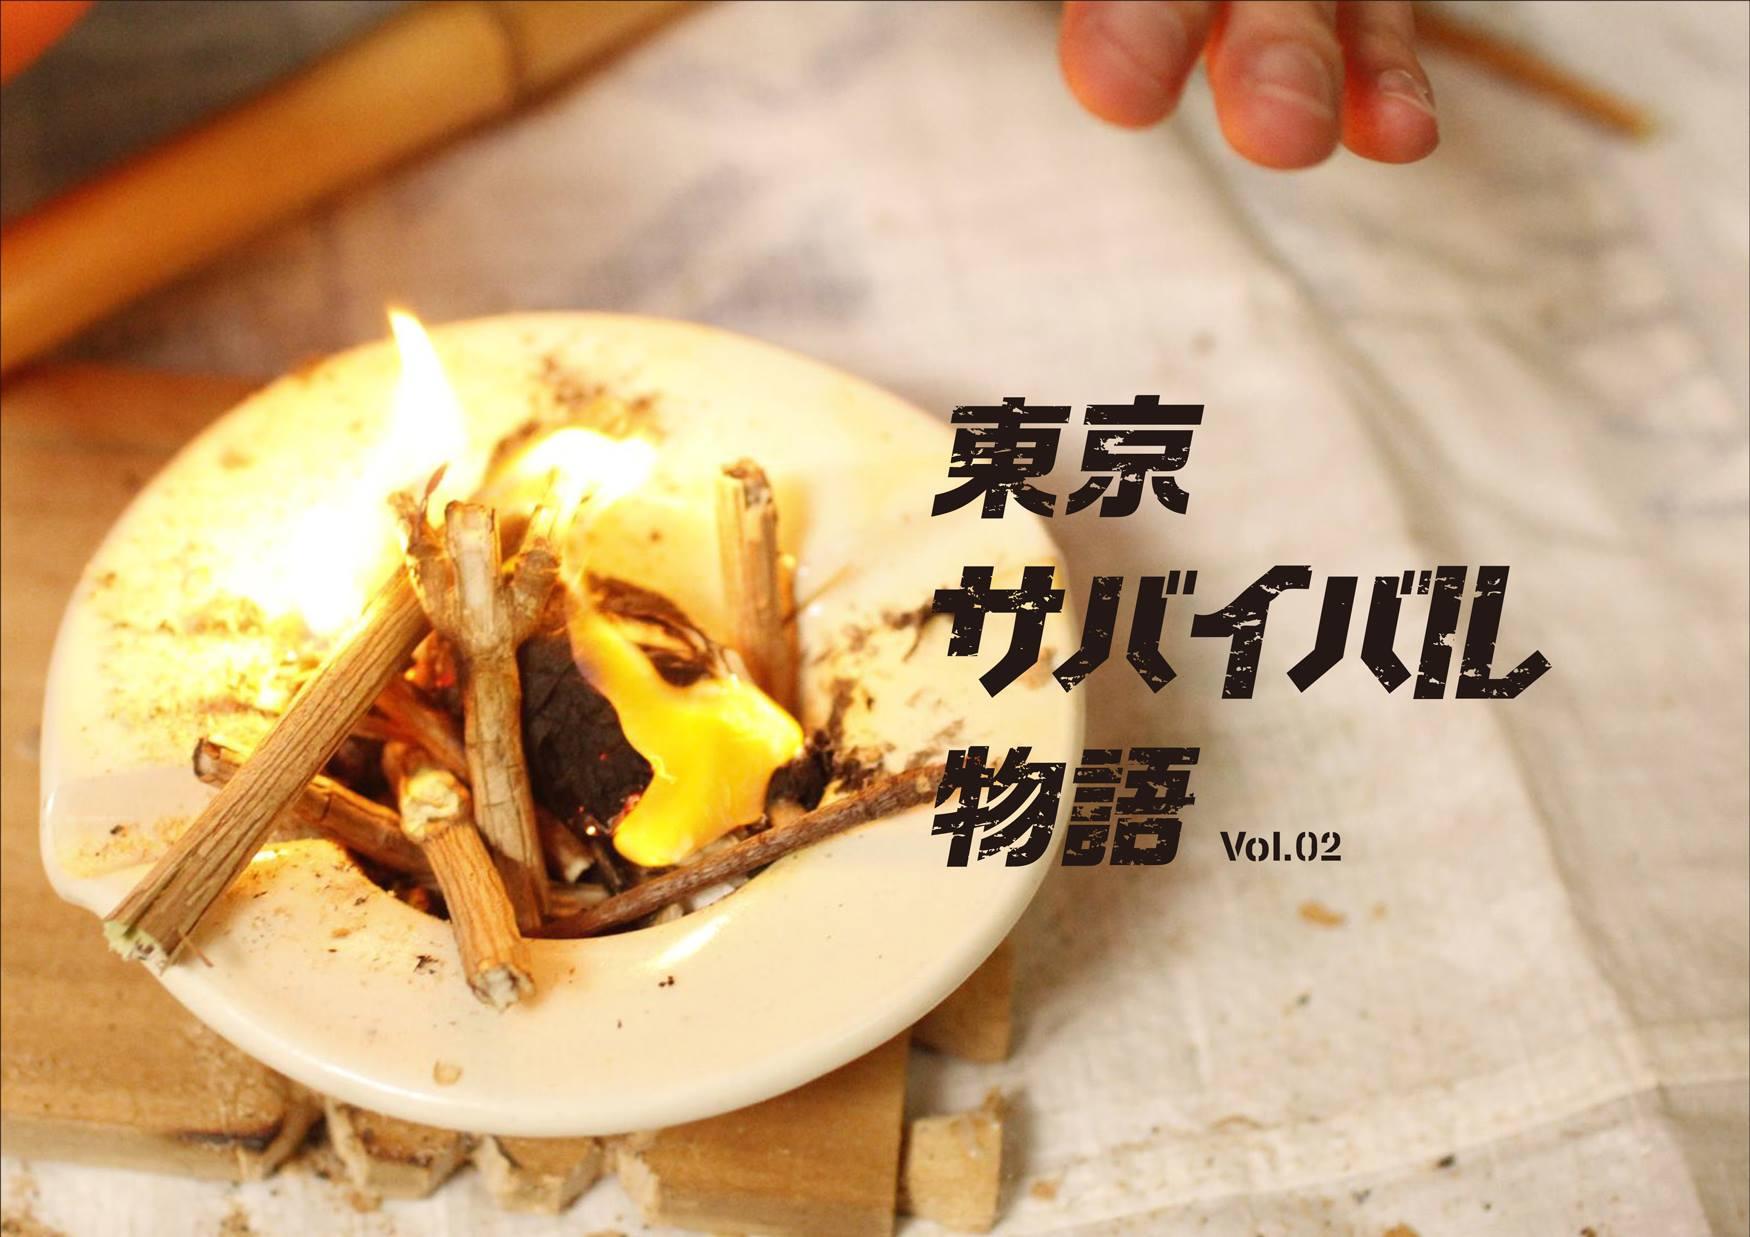 東京サバイバル物語 Vol.2 〜火が起こせないと暮らせない!問題〜